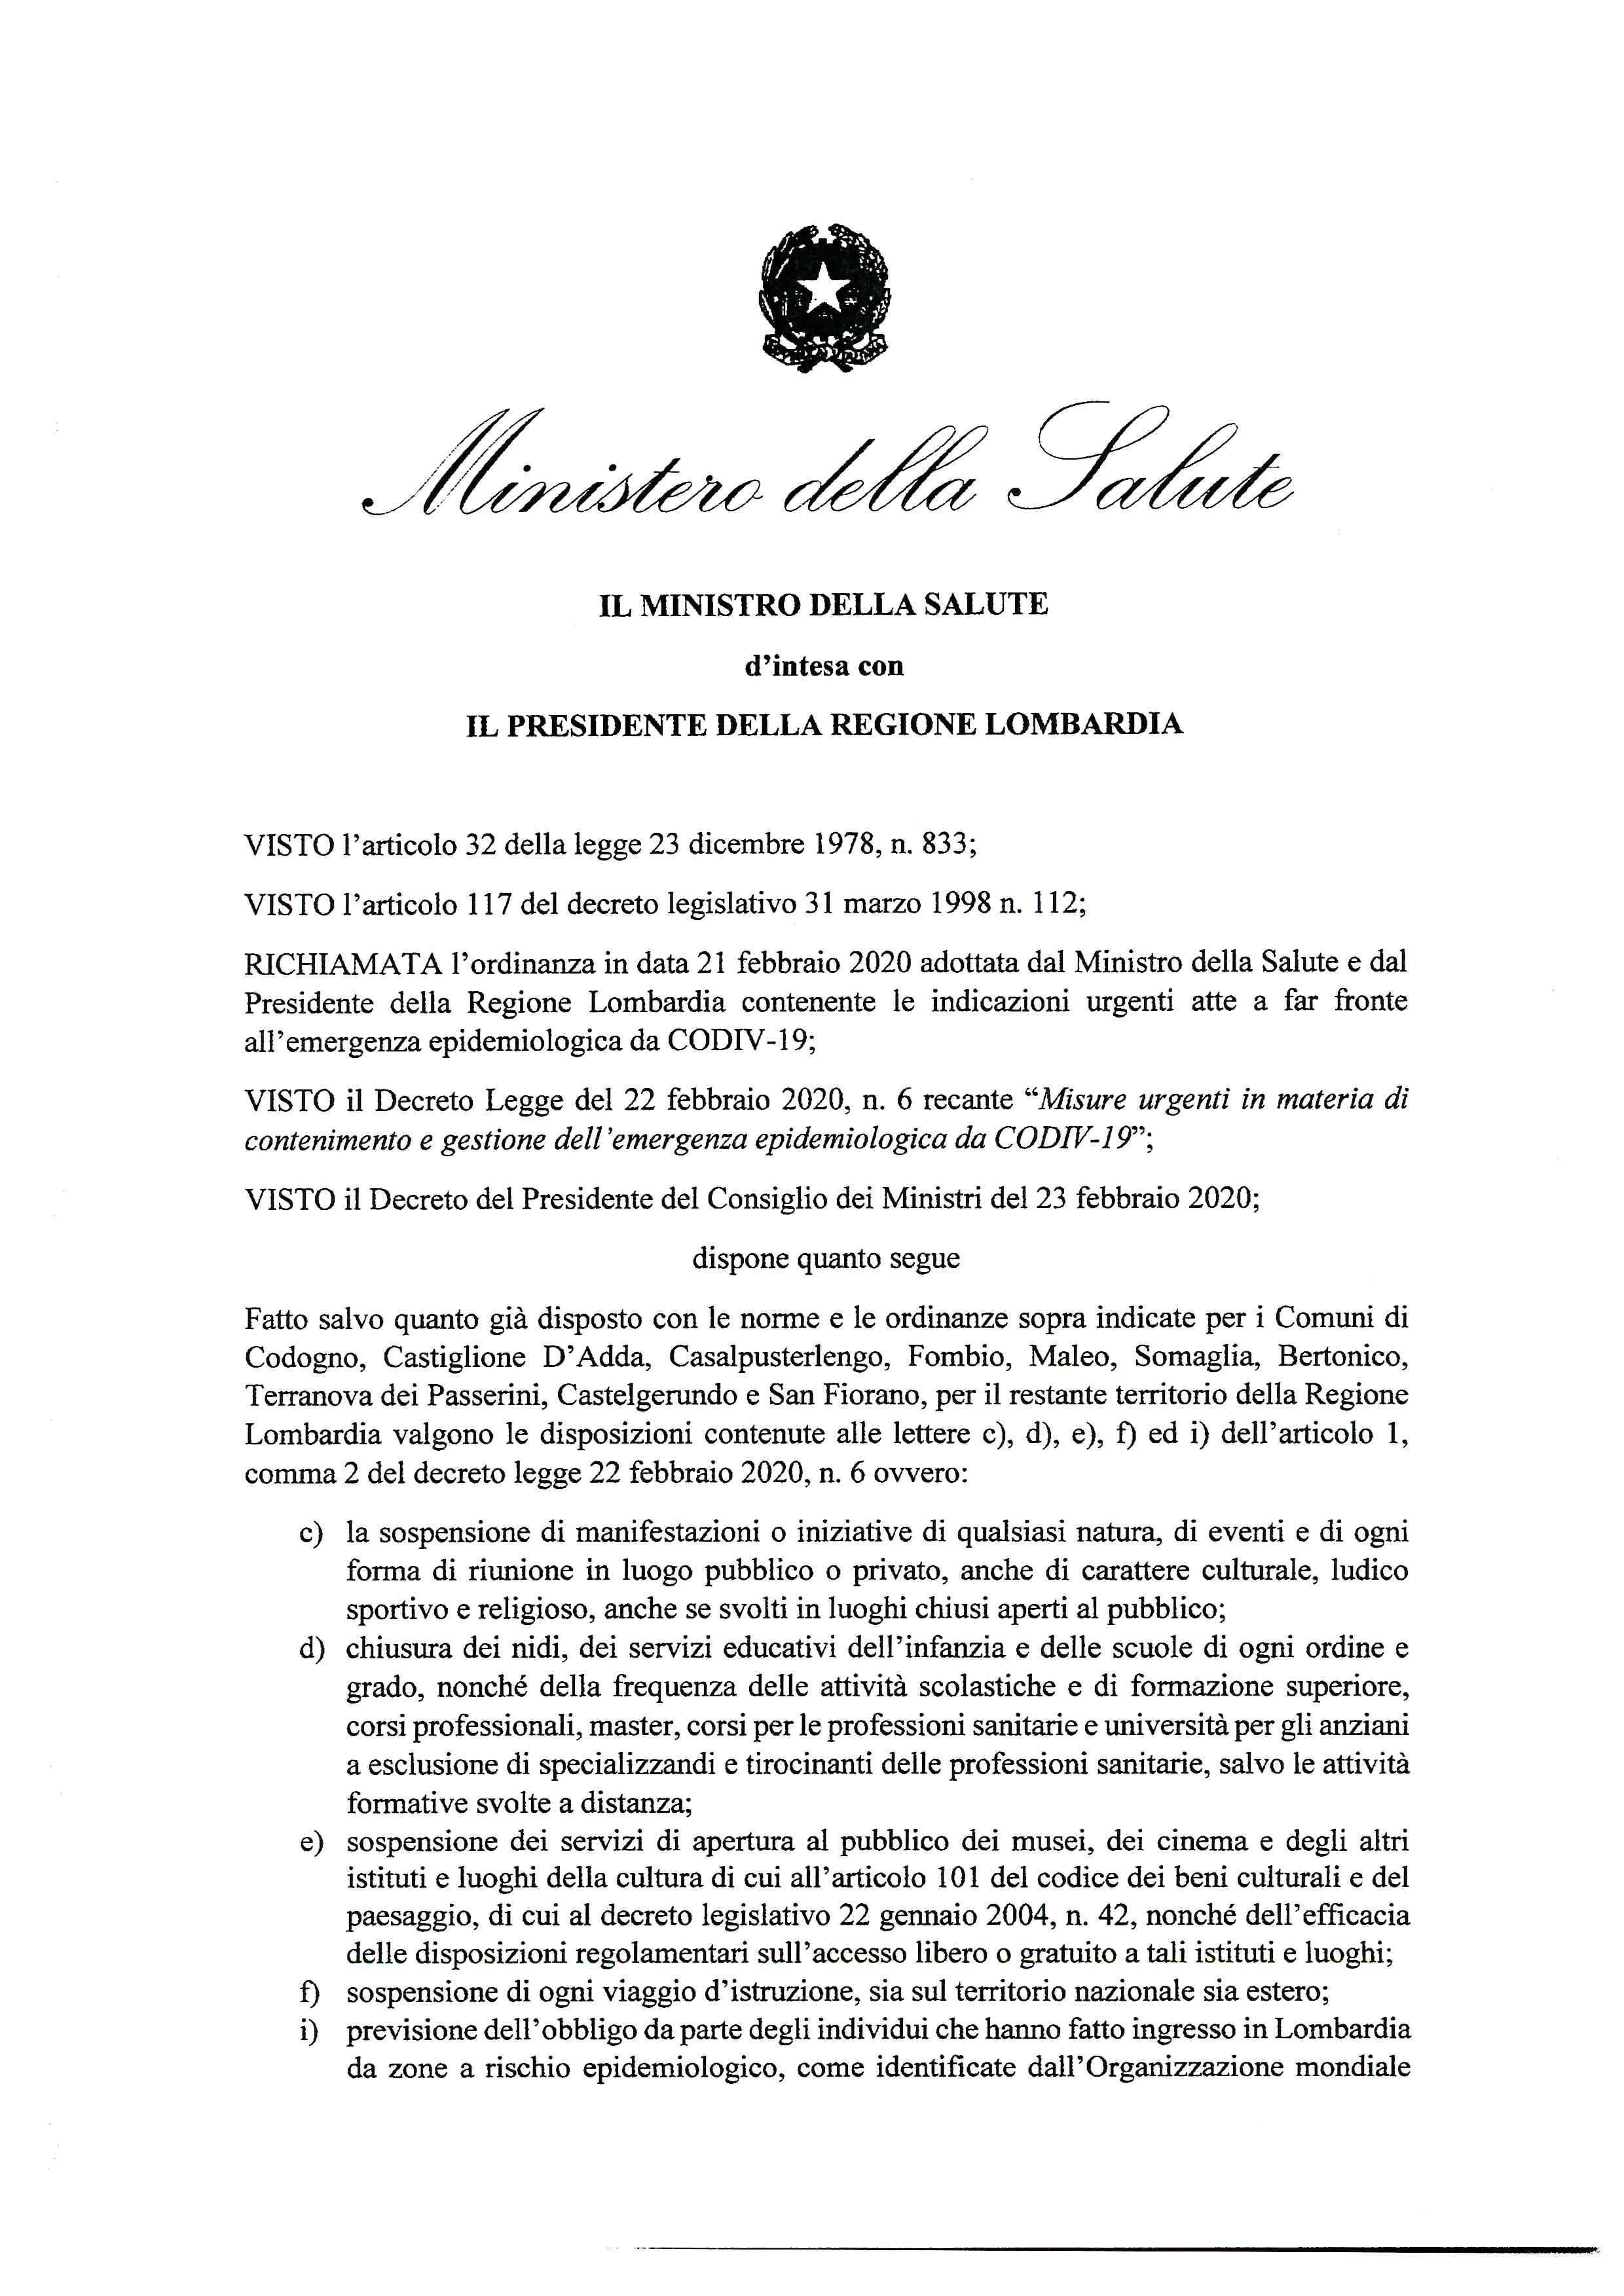 Coronavirus Da Regione Ordinanza Con Disposizioni Per Tutta La Lombardia